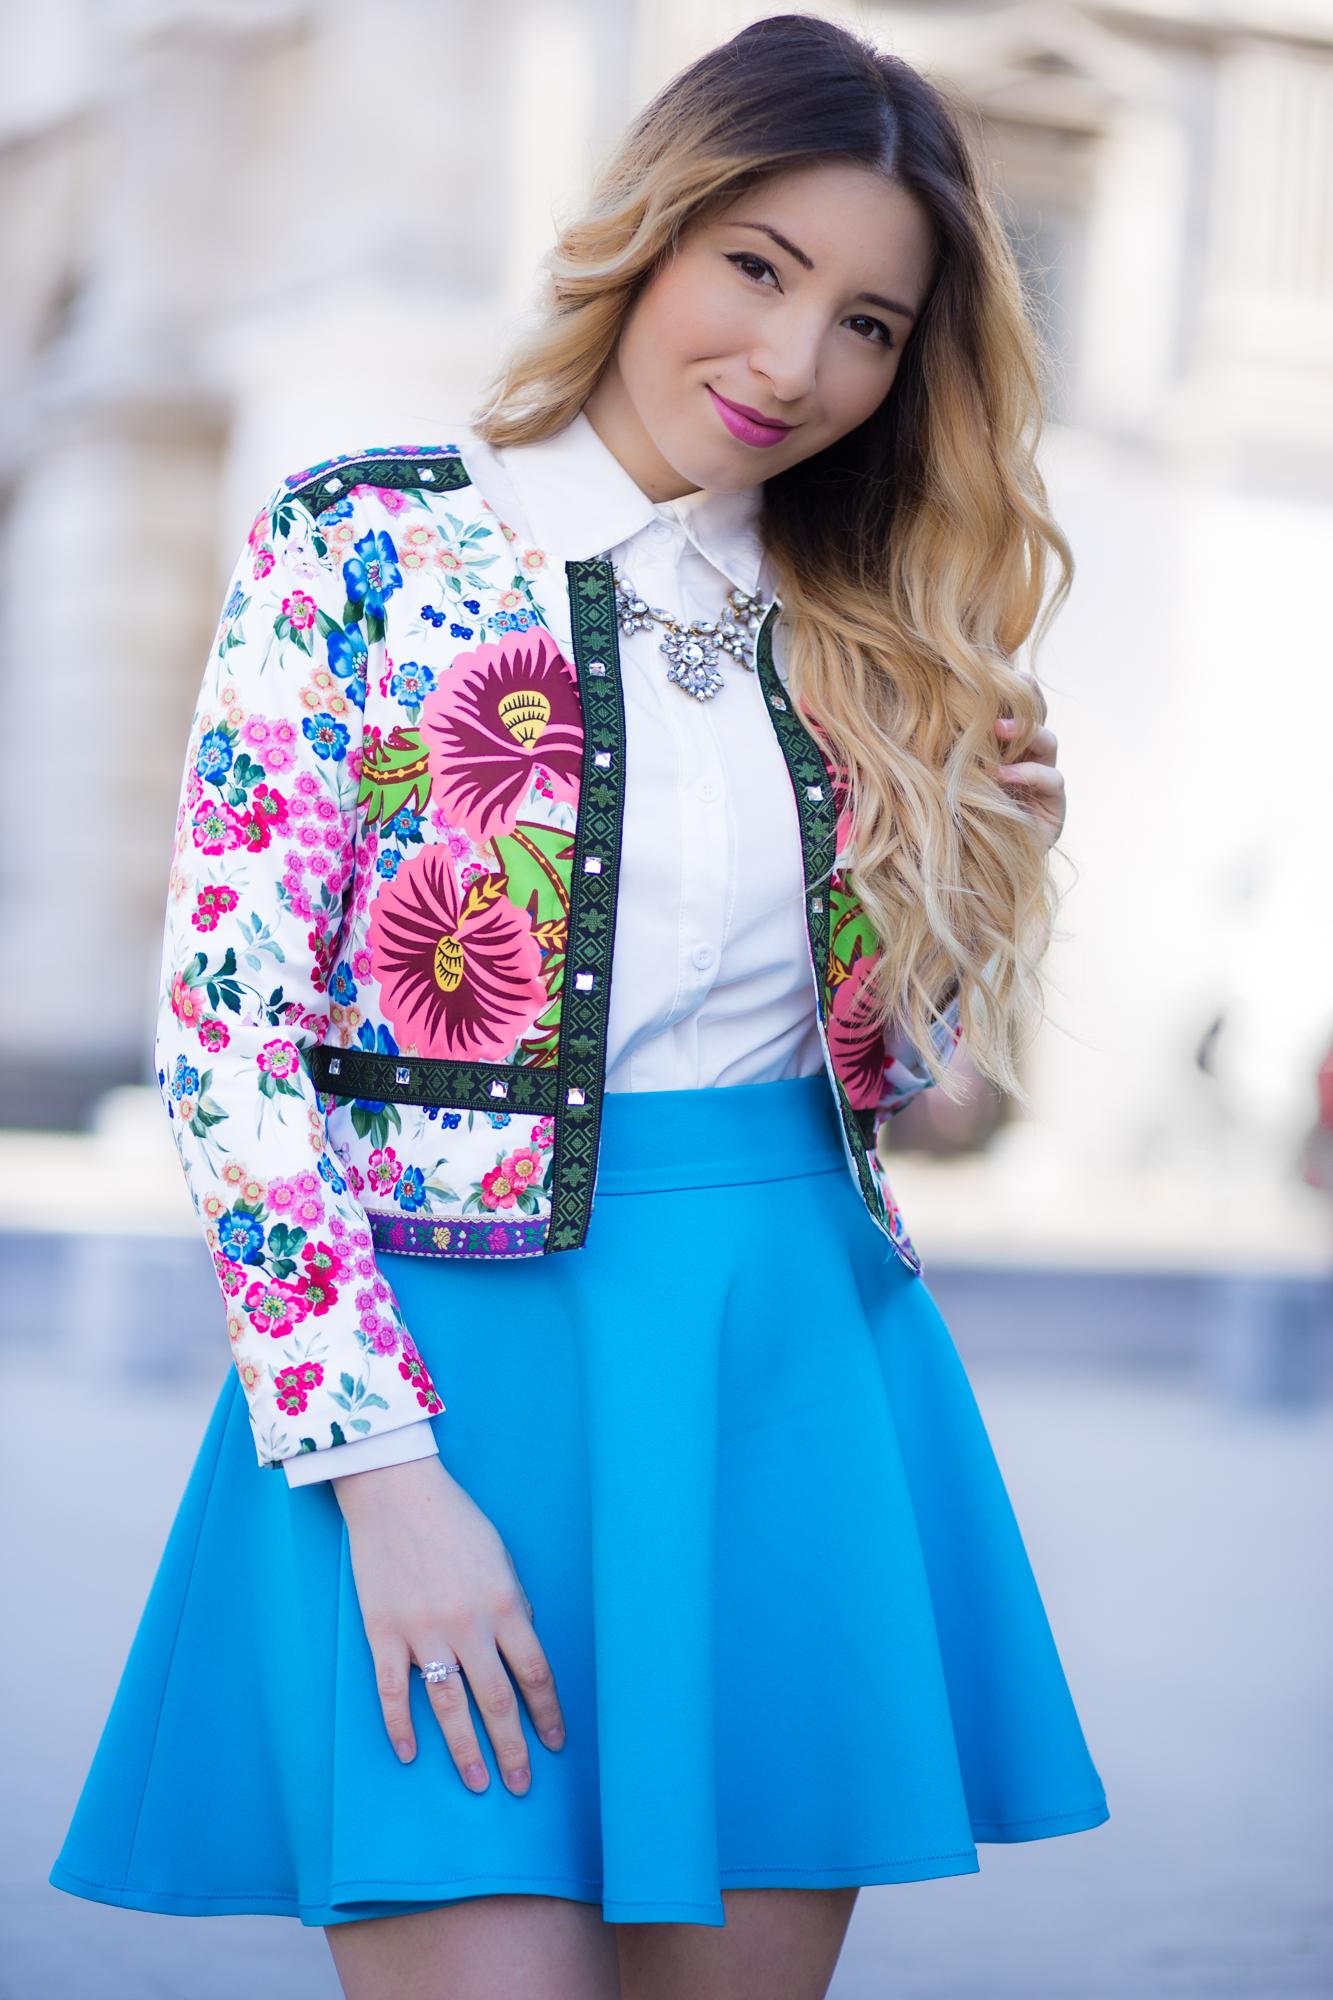 Andreea Ristea - cum purtam jacheta cu imprimeu floral?